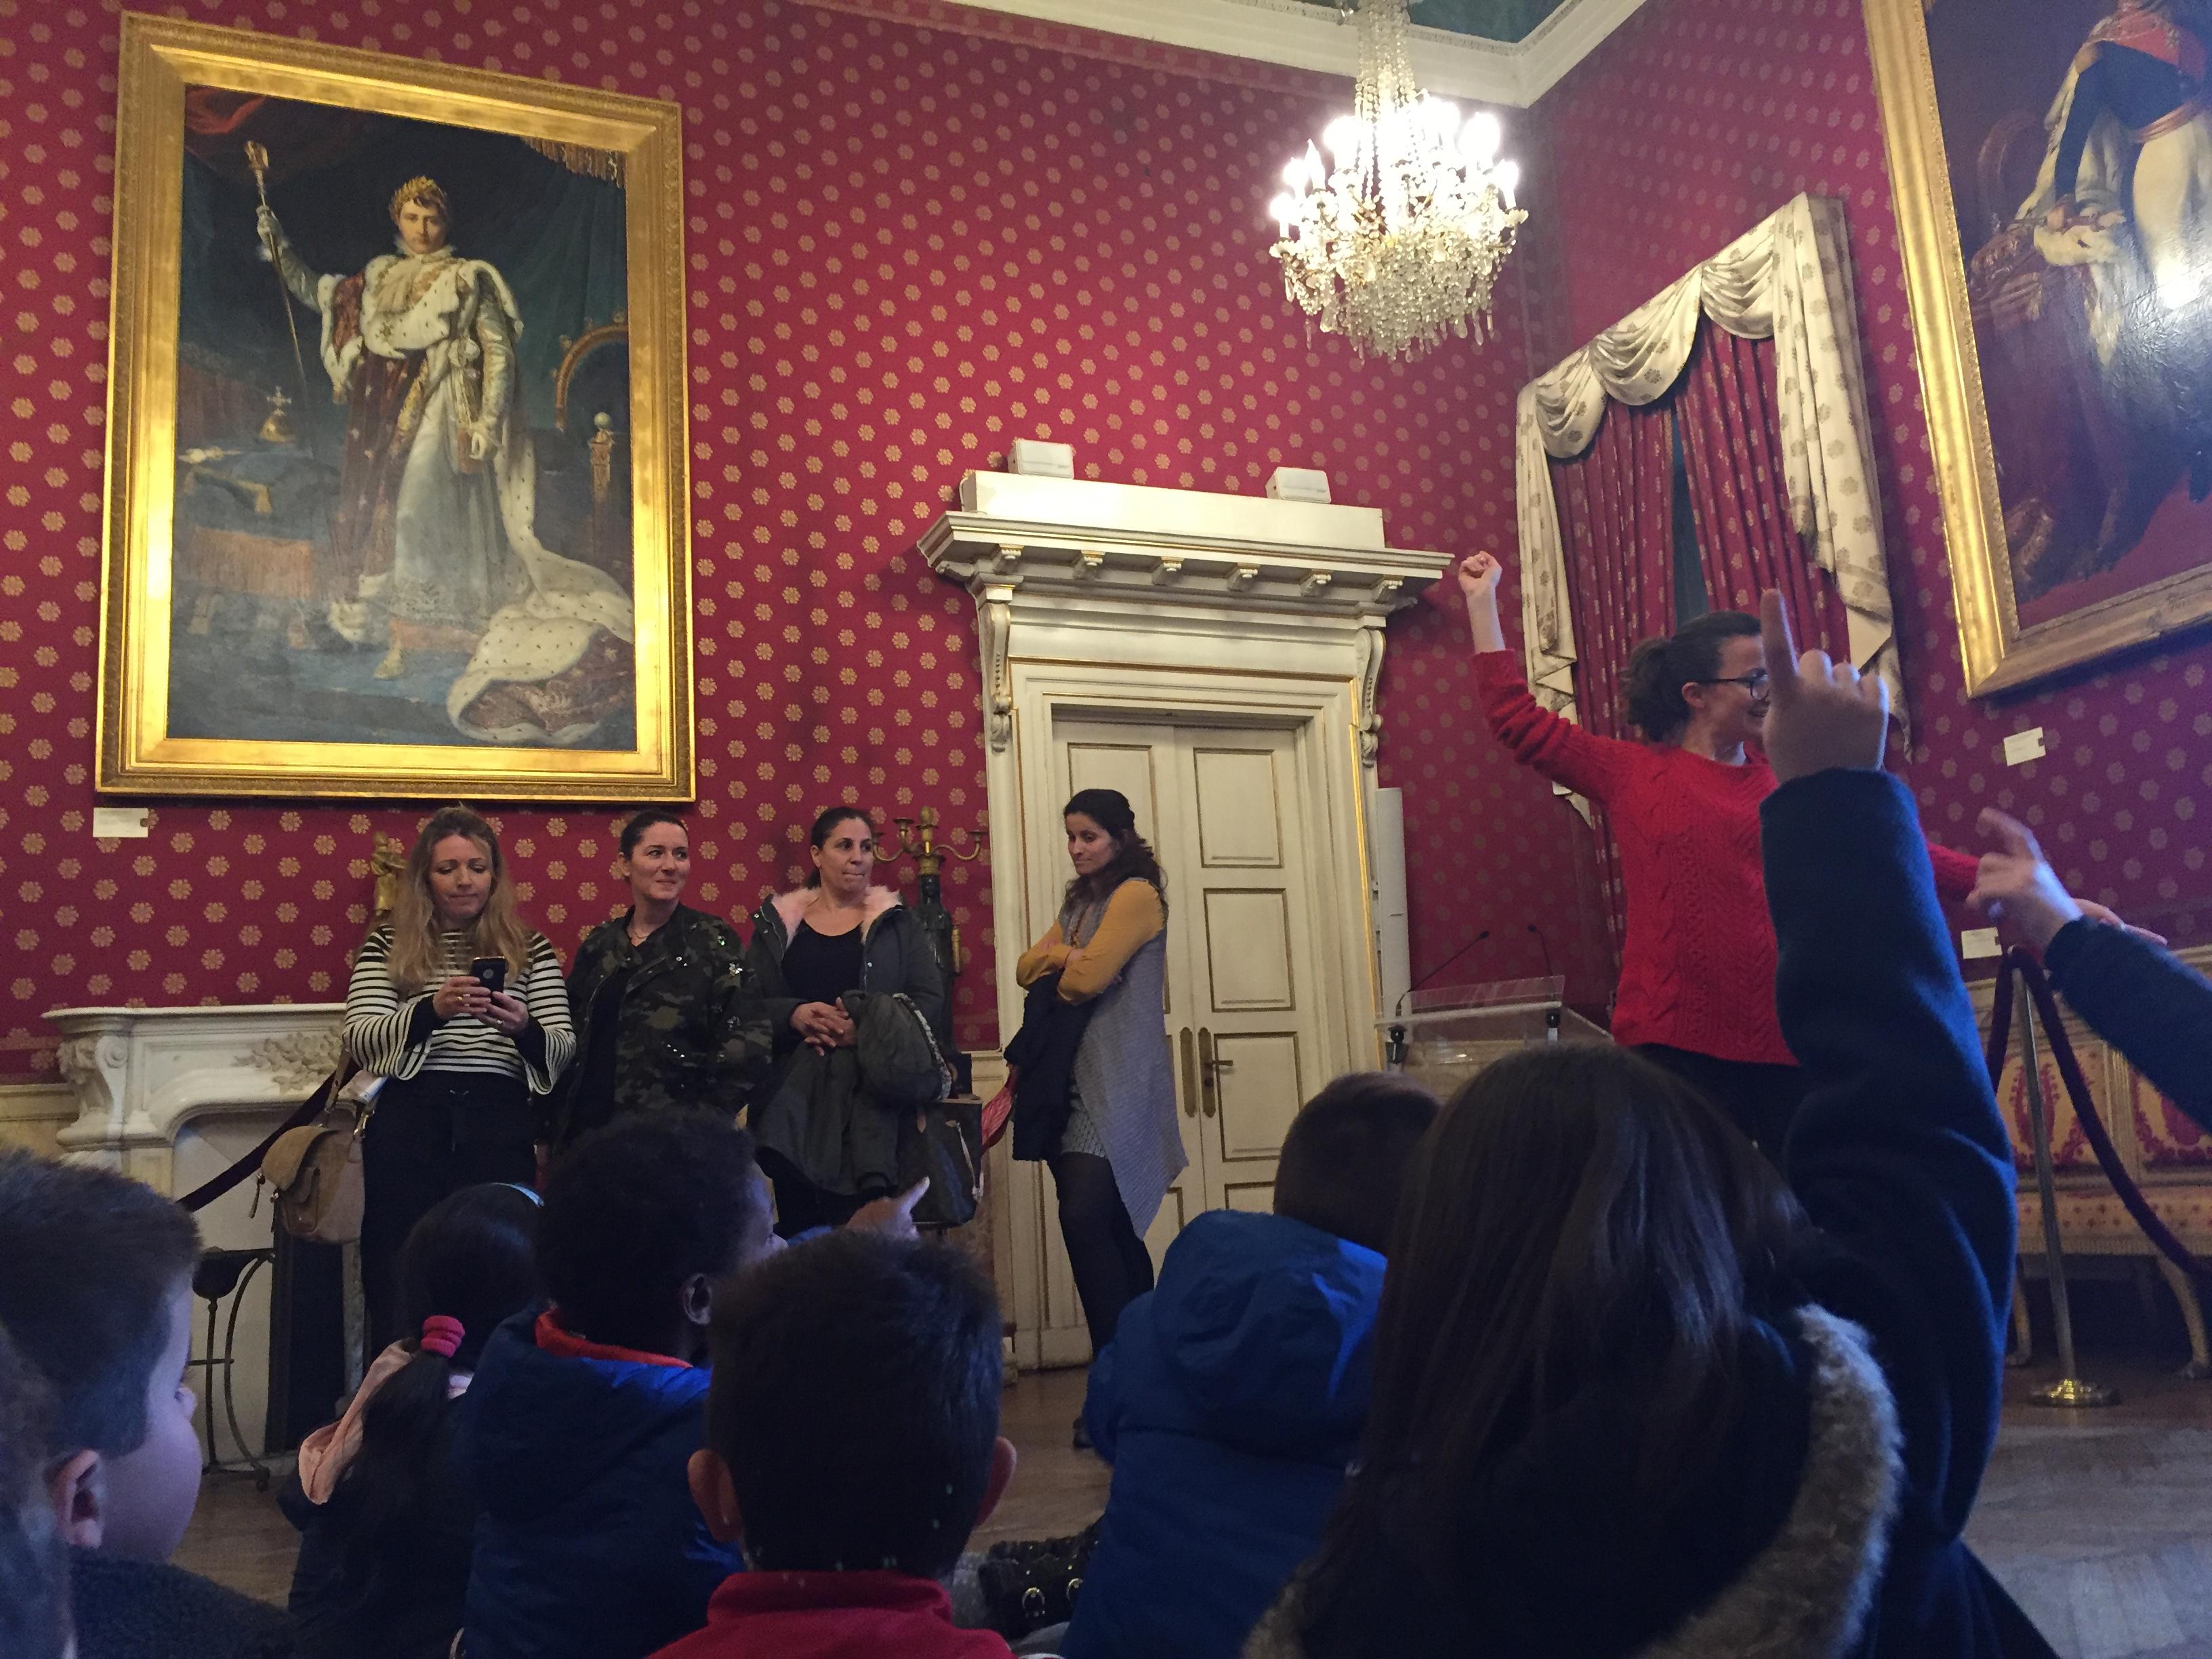 La signature des contrats Coup de Pouce a été accompagnée d'une visite du Salon napoléonien de l'Hôtel de Ville animée par Julie Baltzer, médiatrice culturelle au Palais Fesch.